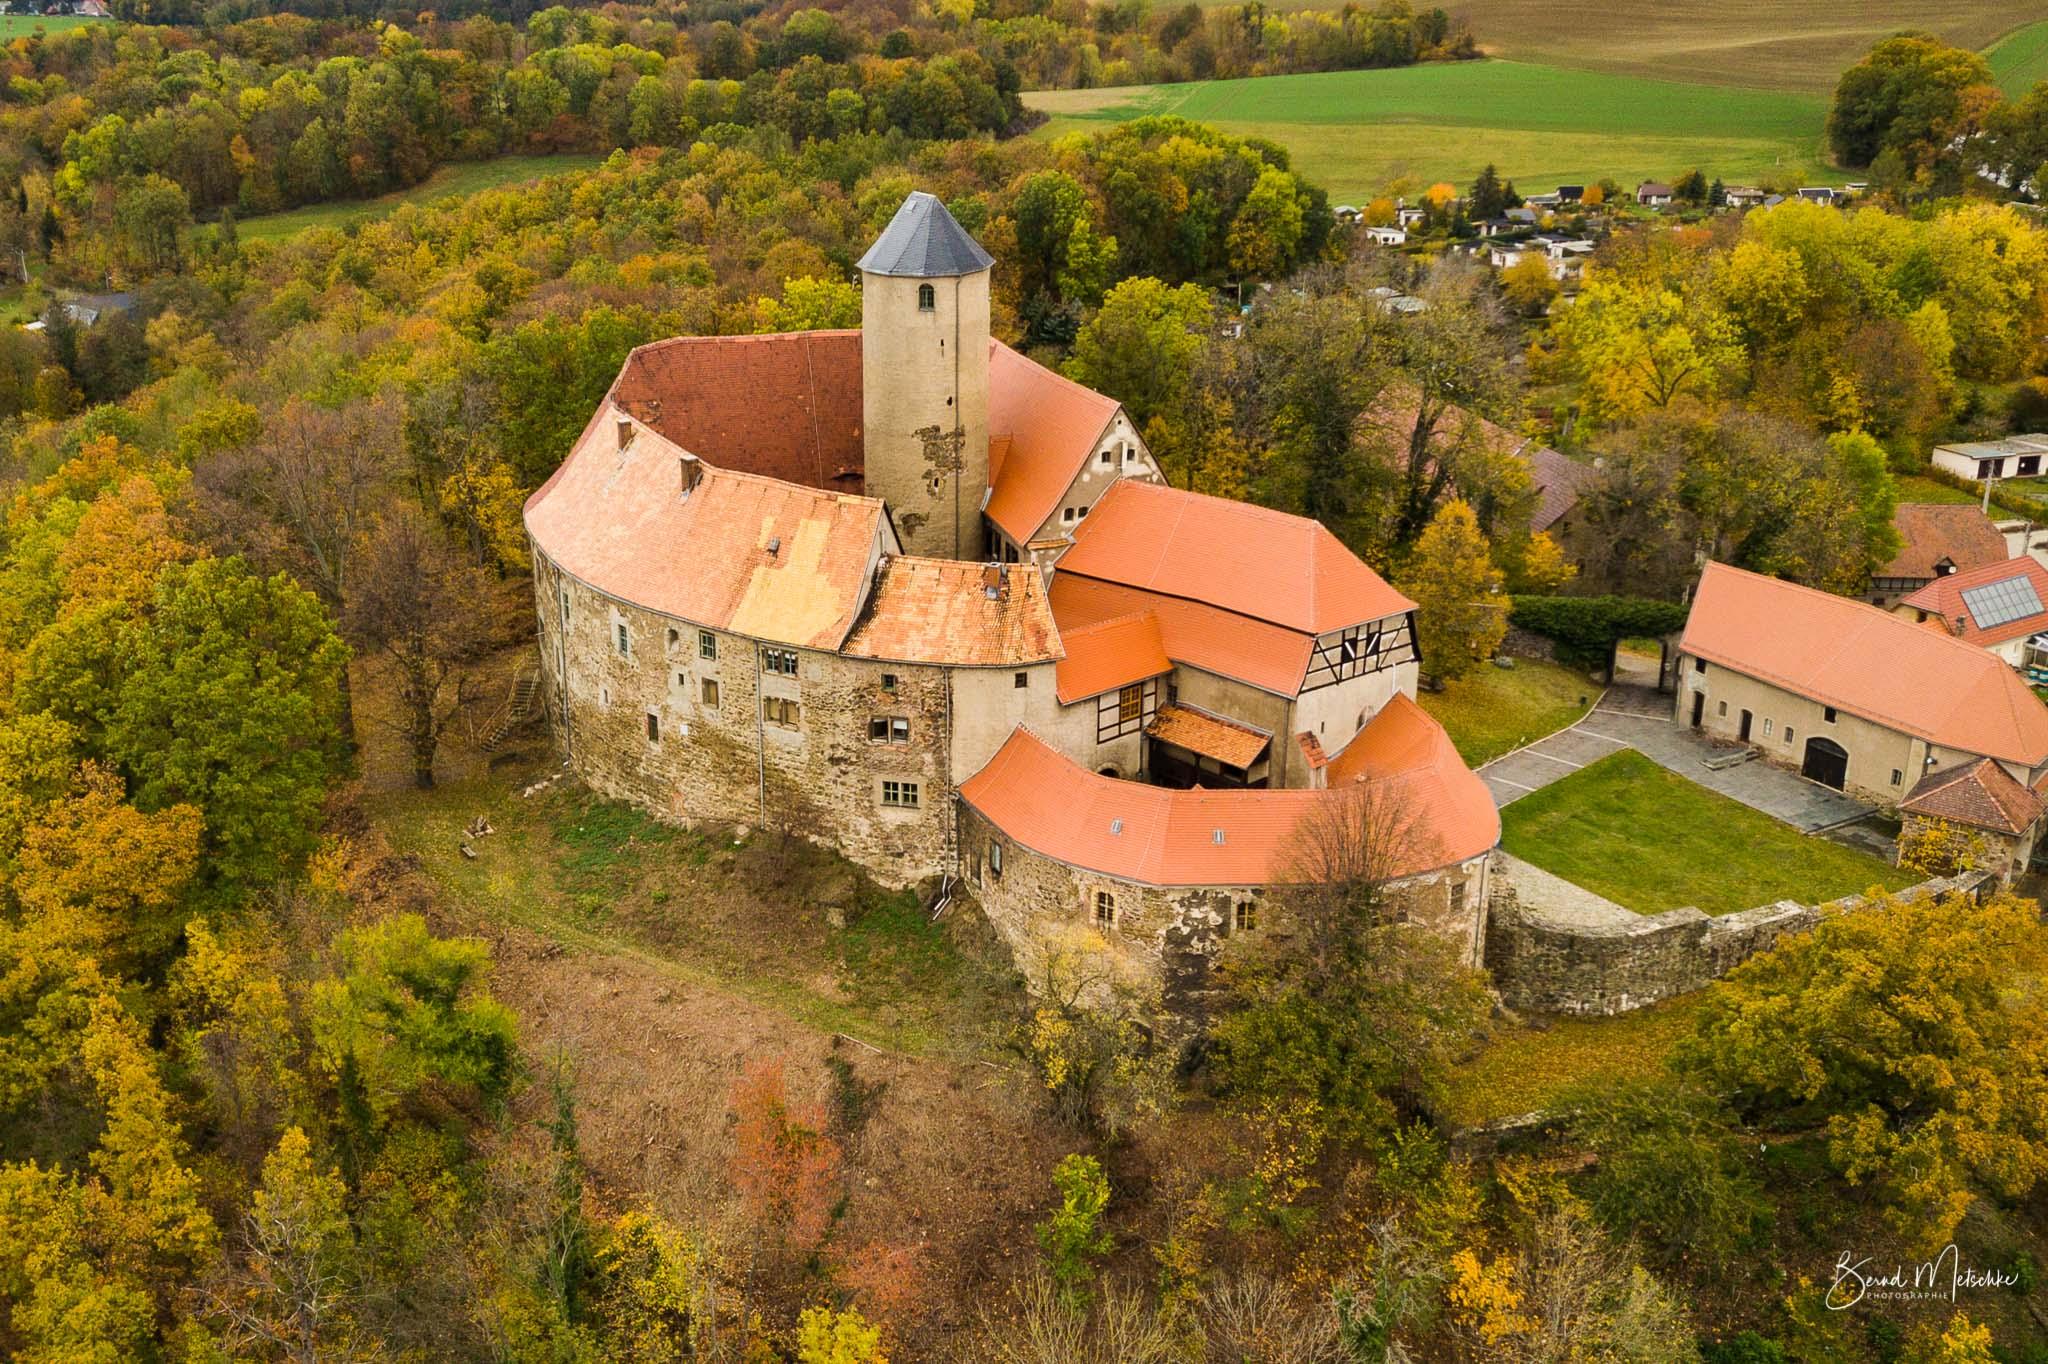 Die Burg Schönfels gehört zu den eindrucksvollsten Burgen in Sachsen.